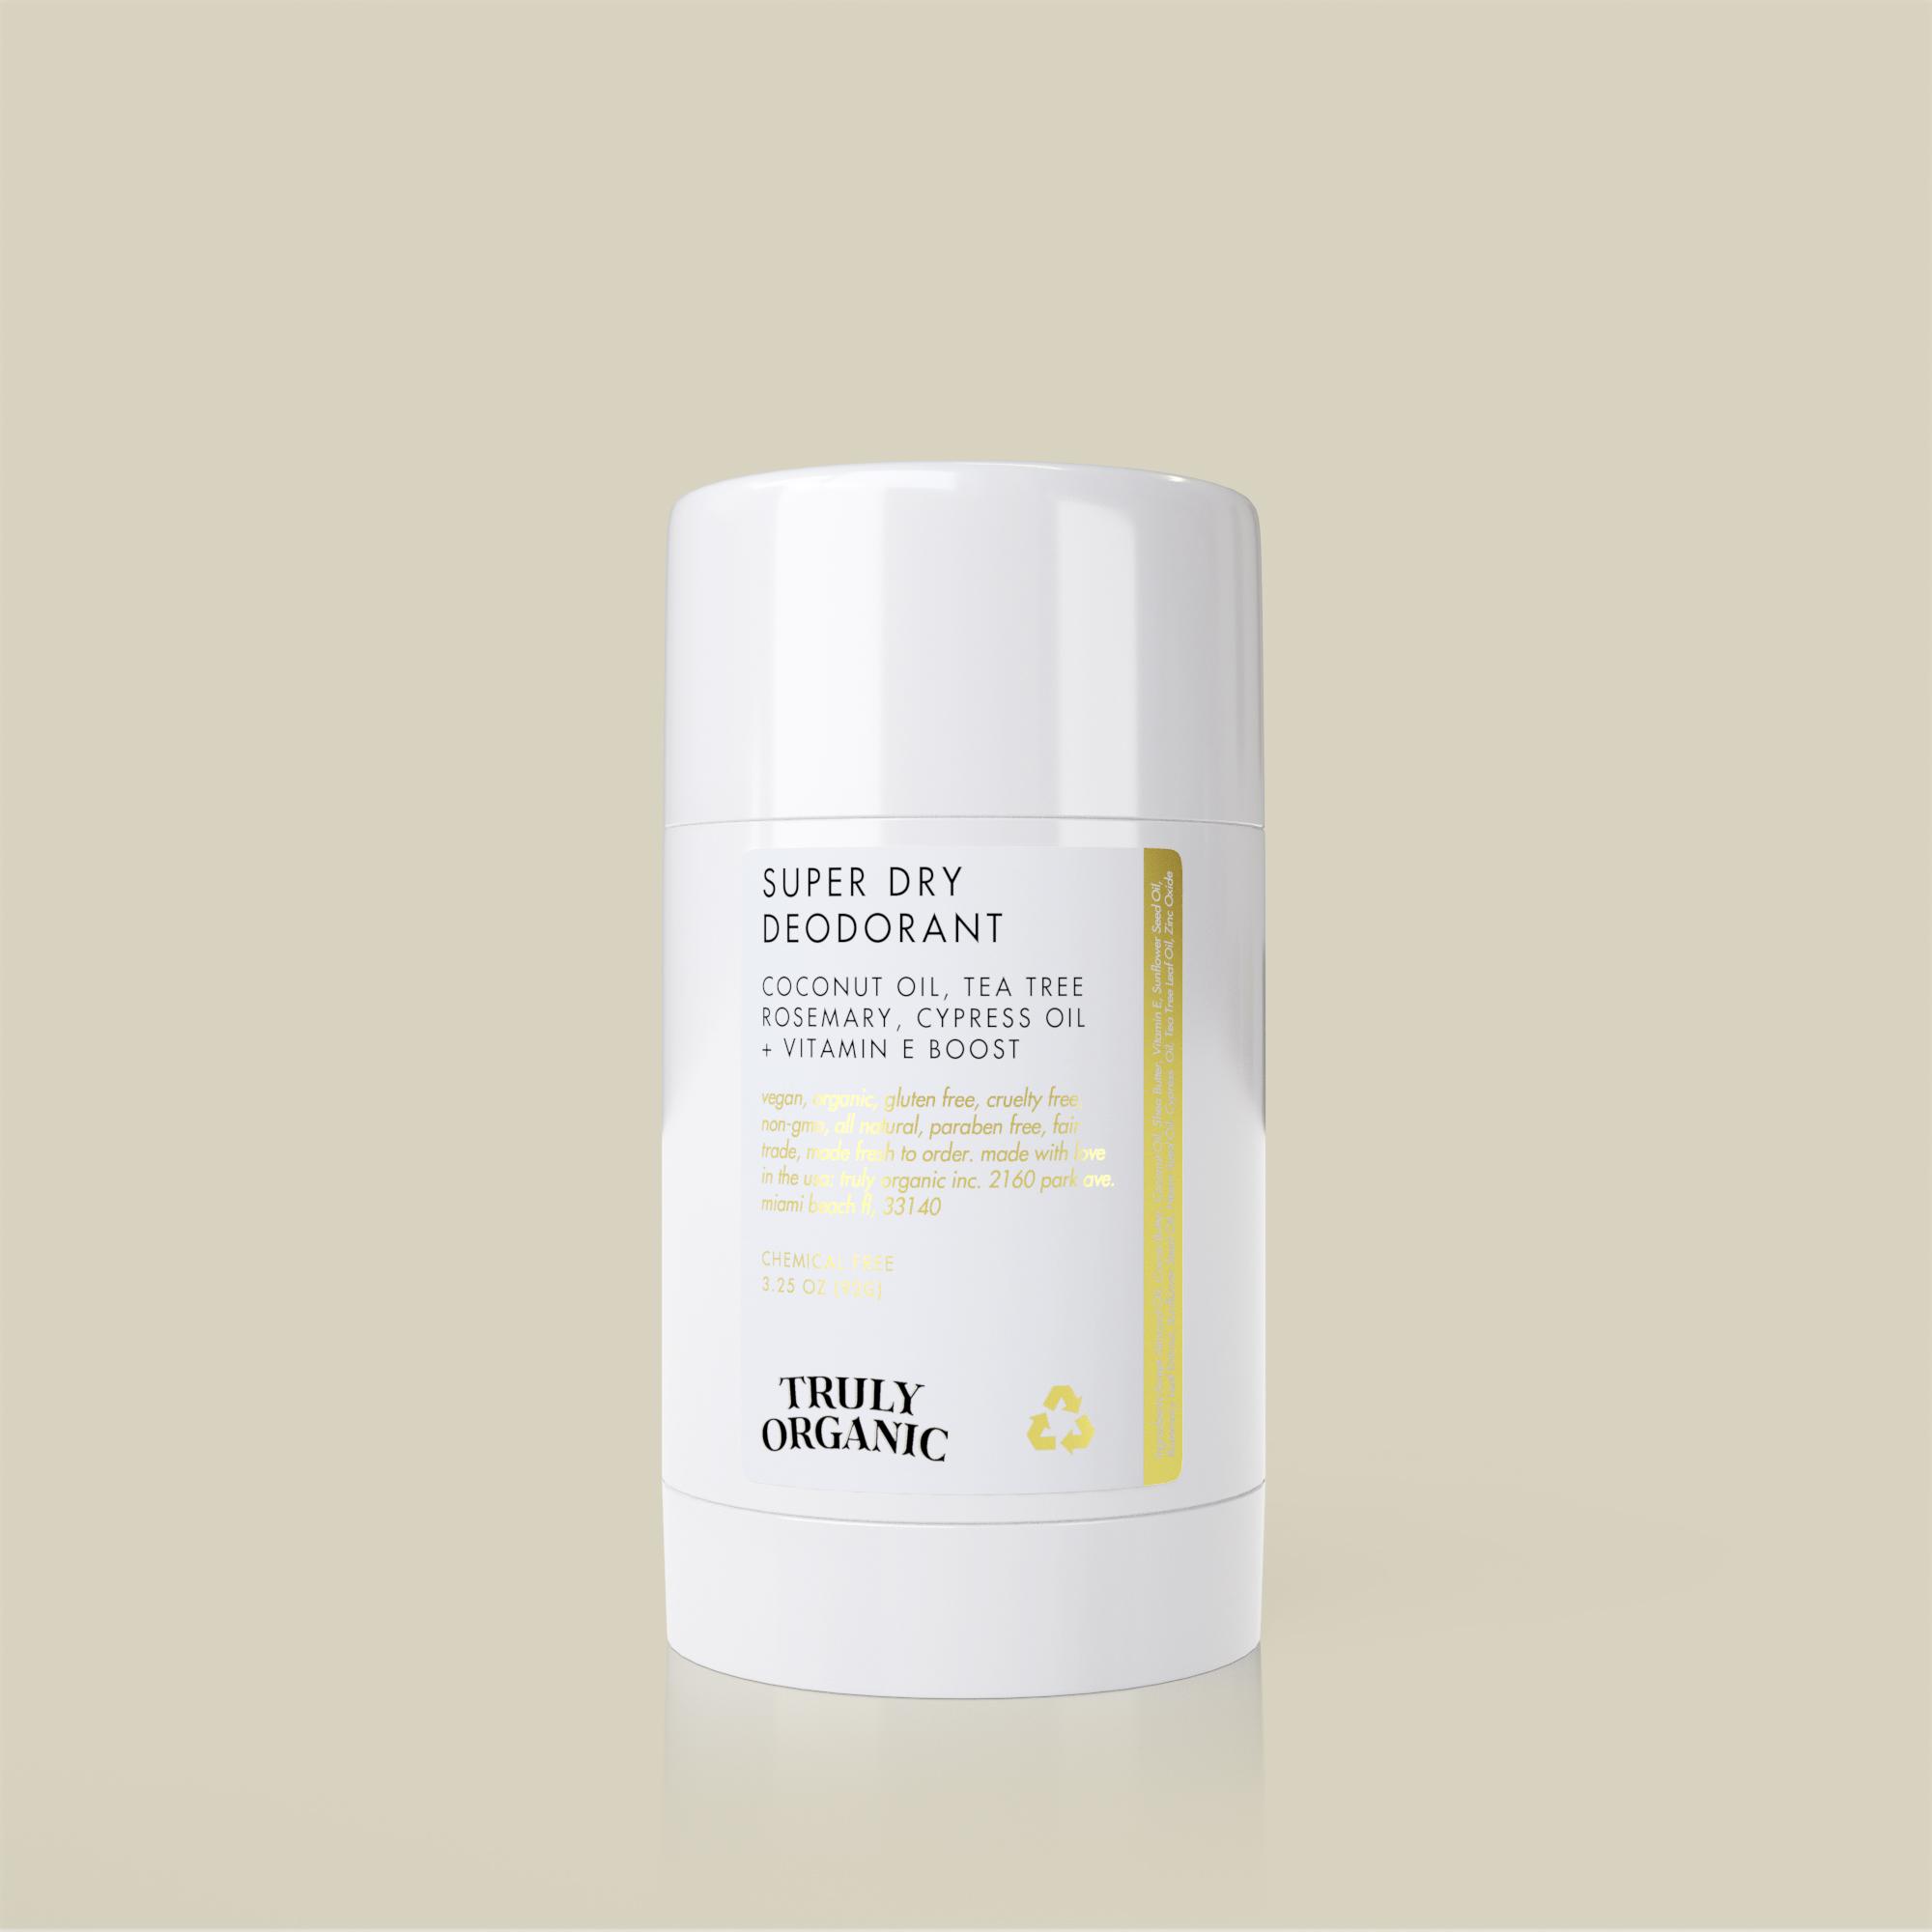 Super Dry Deodorant